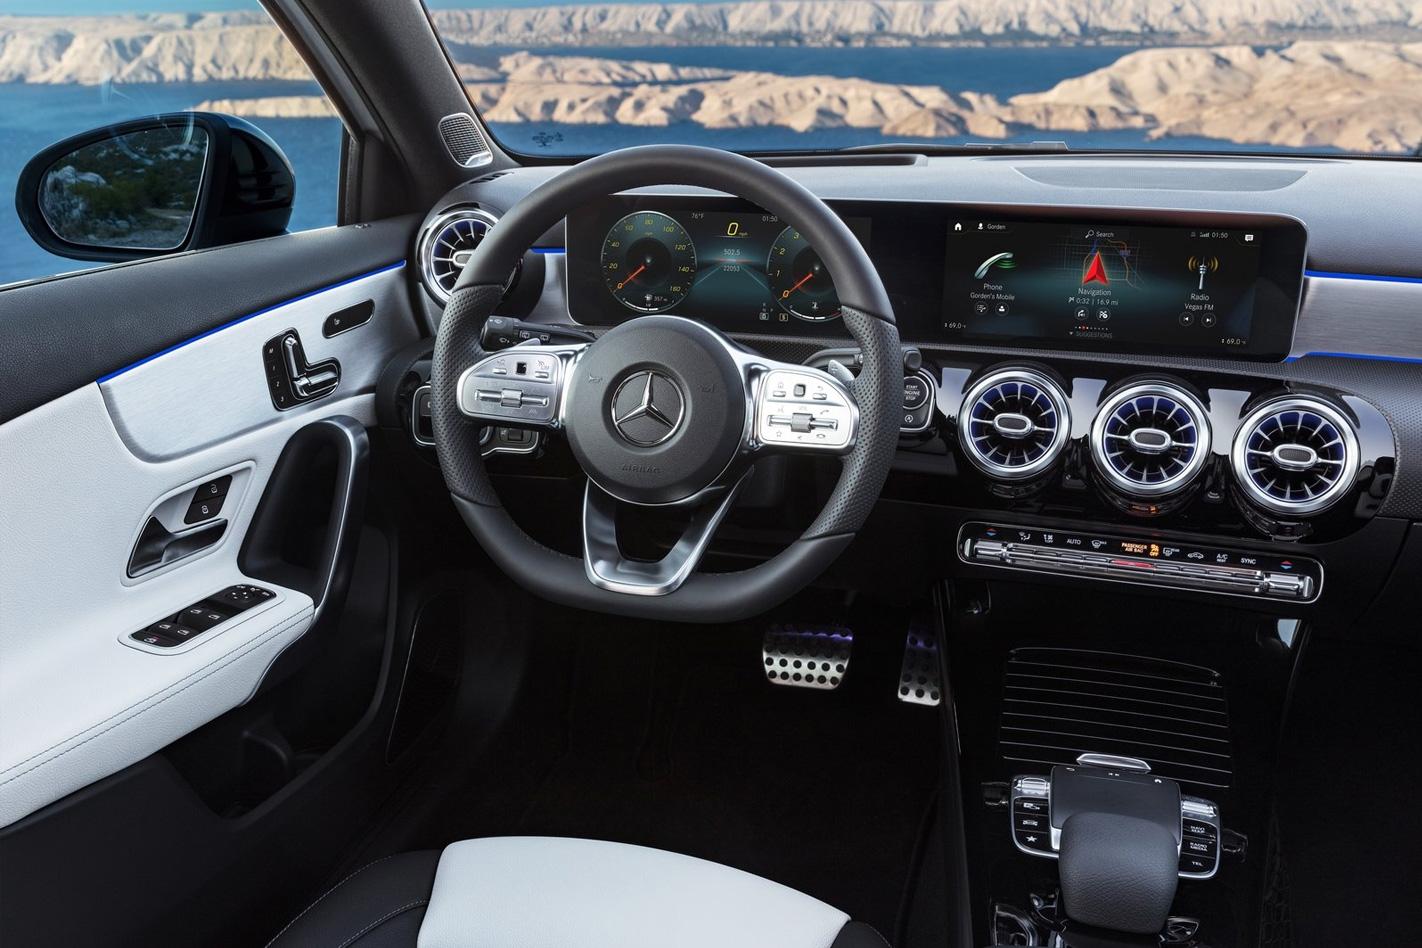 2018 Mercedes-Benz A-Class gains wireless Apple CarPlay